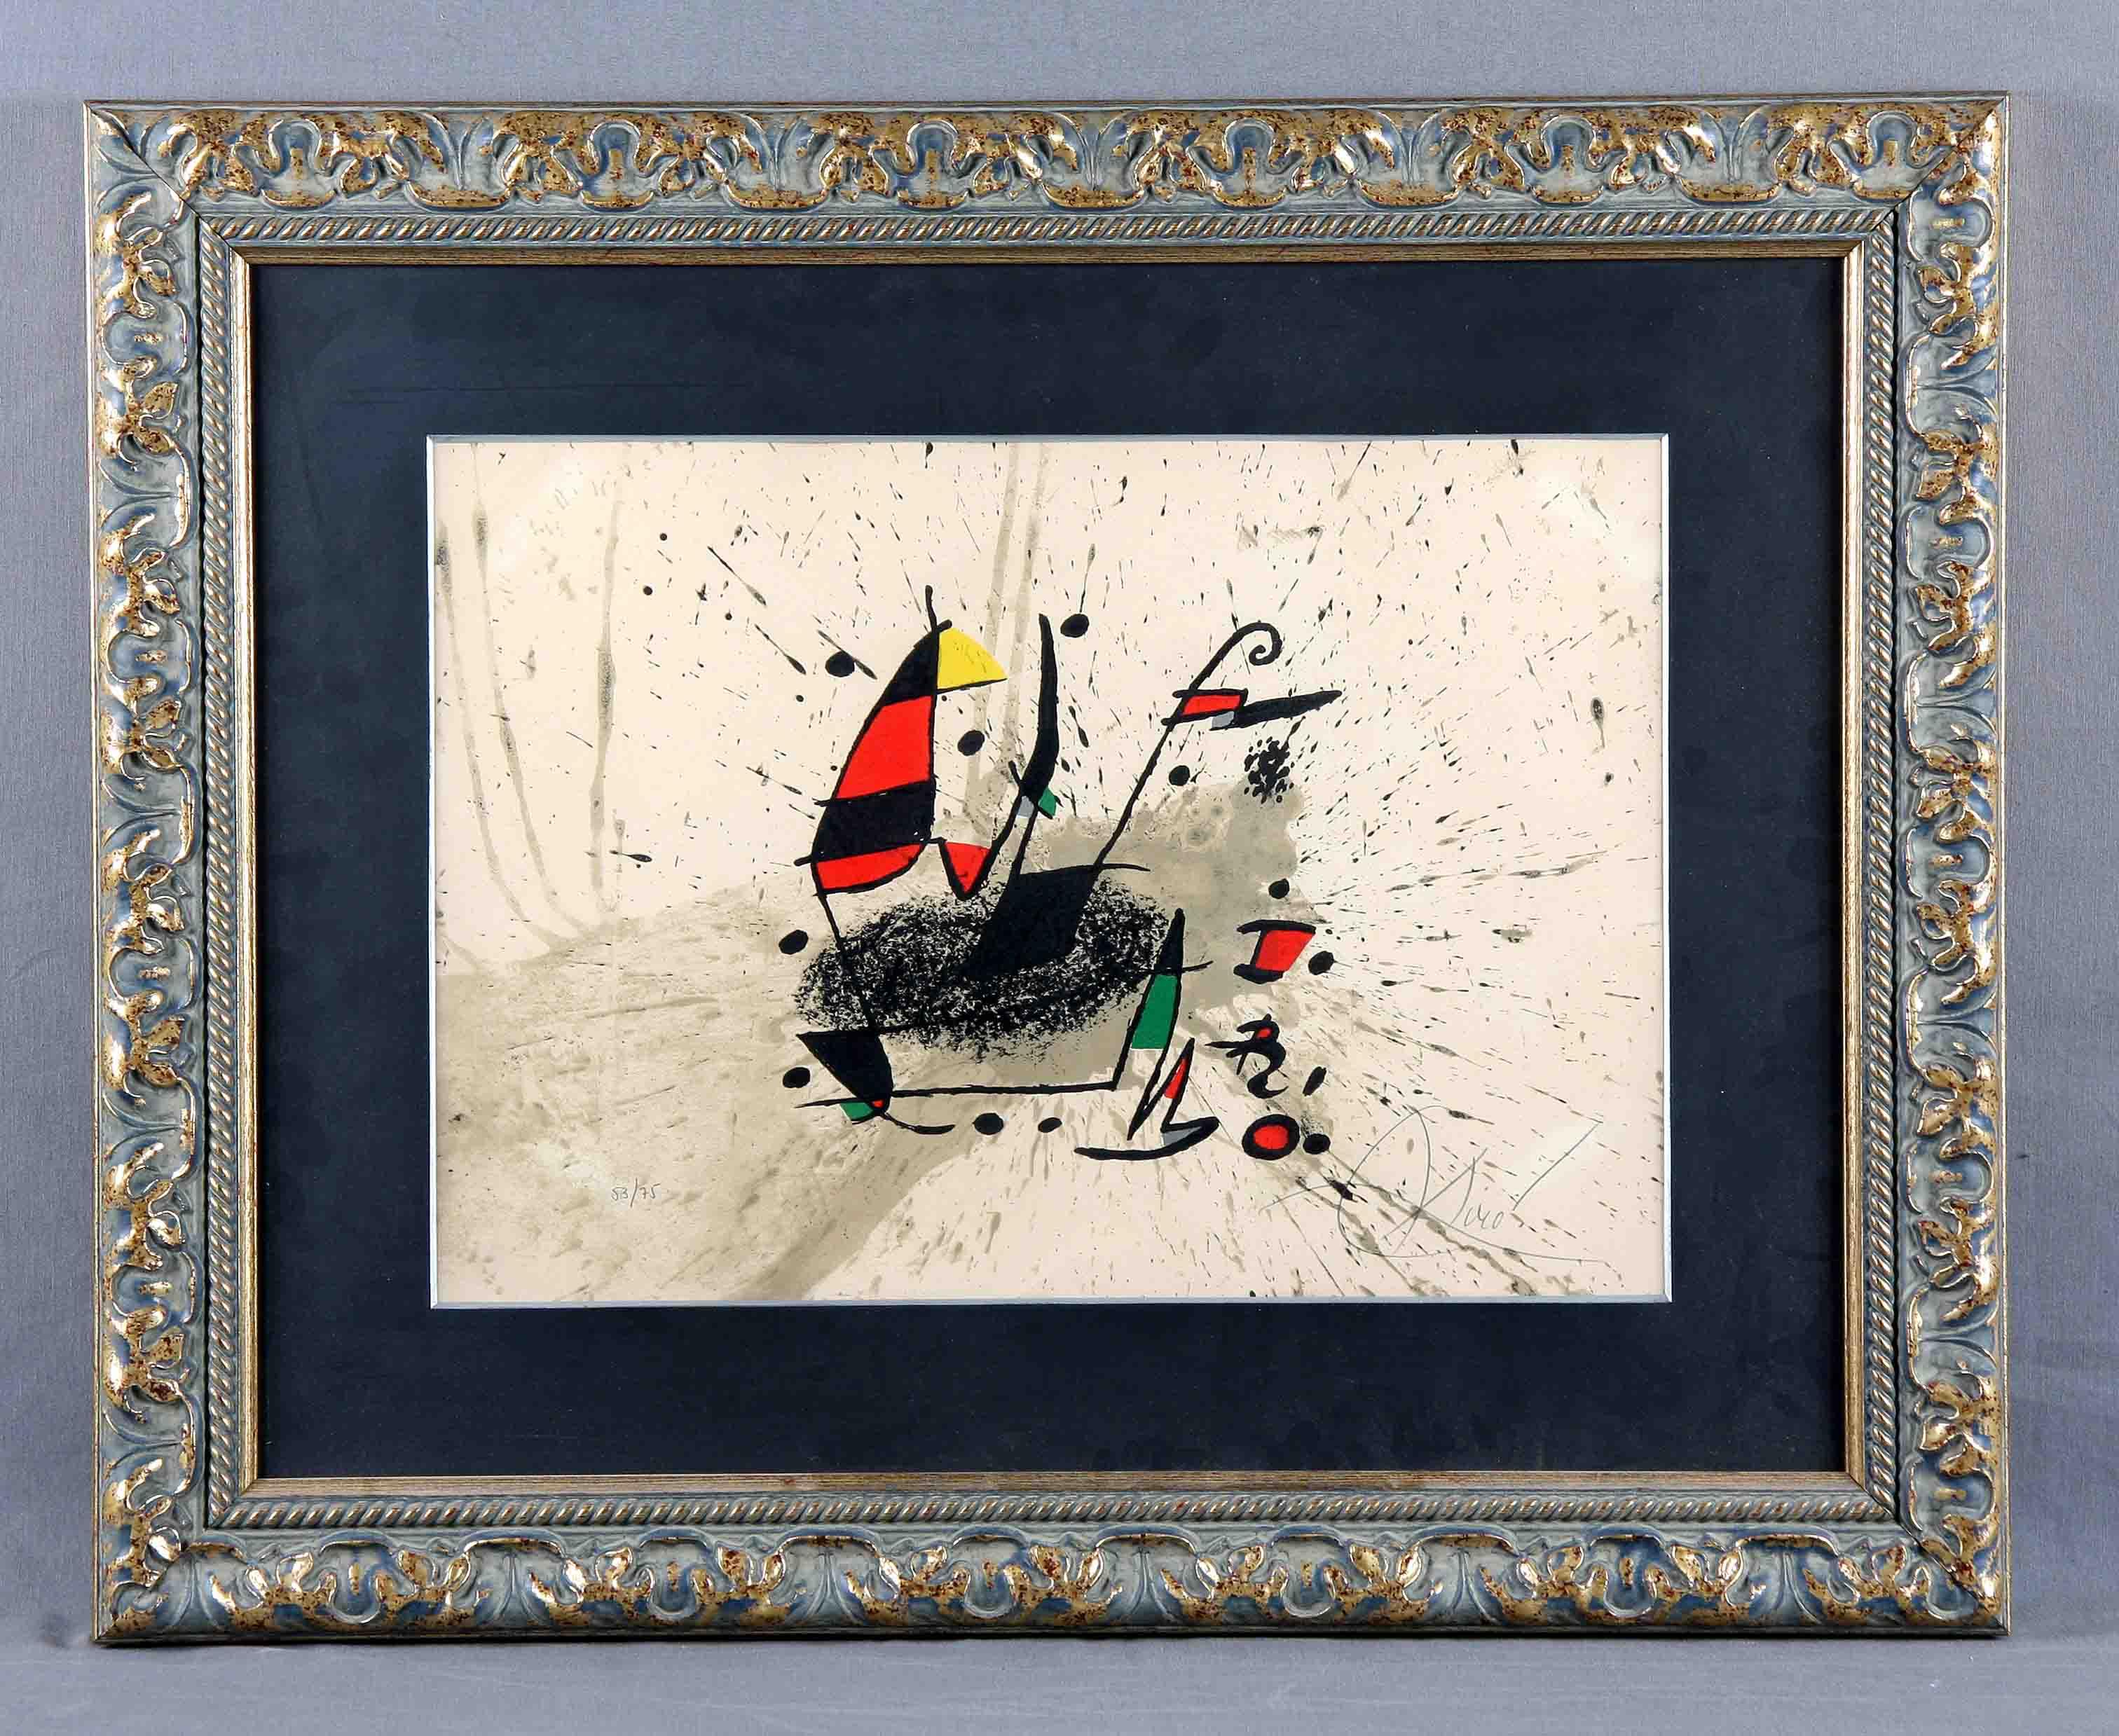 Vente Peinture, Mobilier et Objets d'Art chez Subastas Galileo : 503 lots